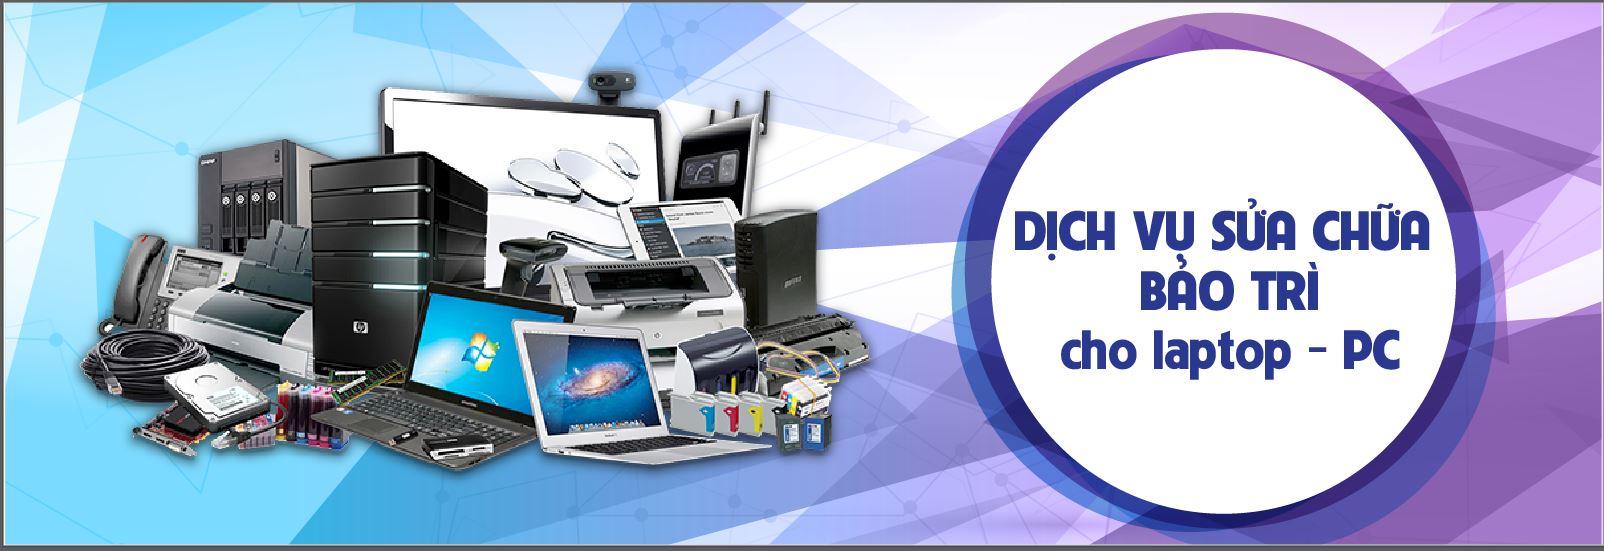 dịch vụ bảo trì sửa chữa máy tính của ICT Sài Gòn